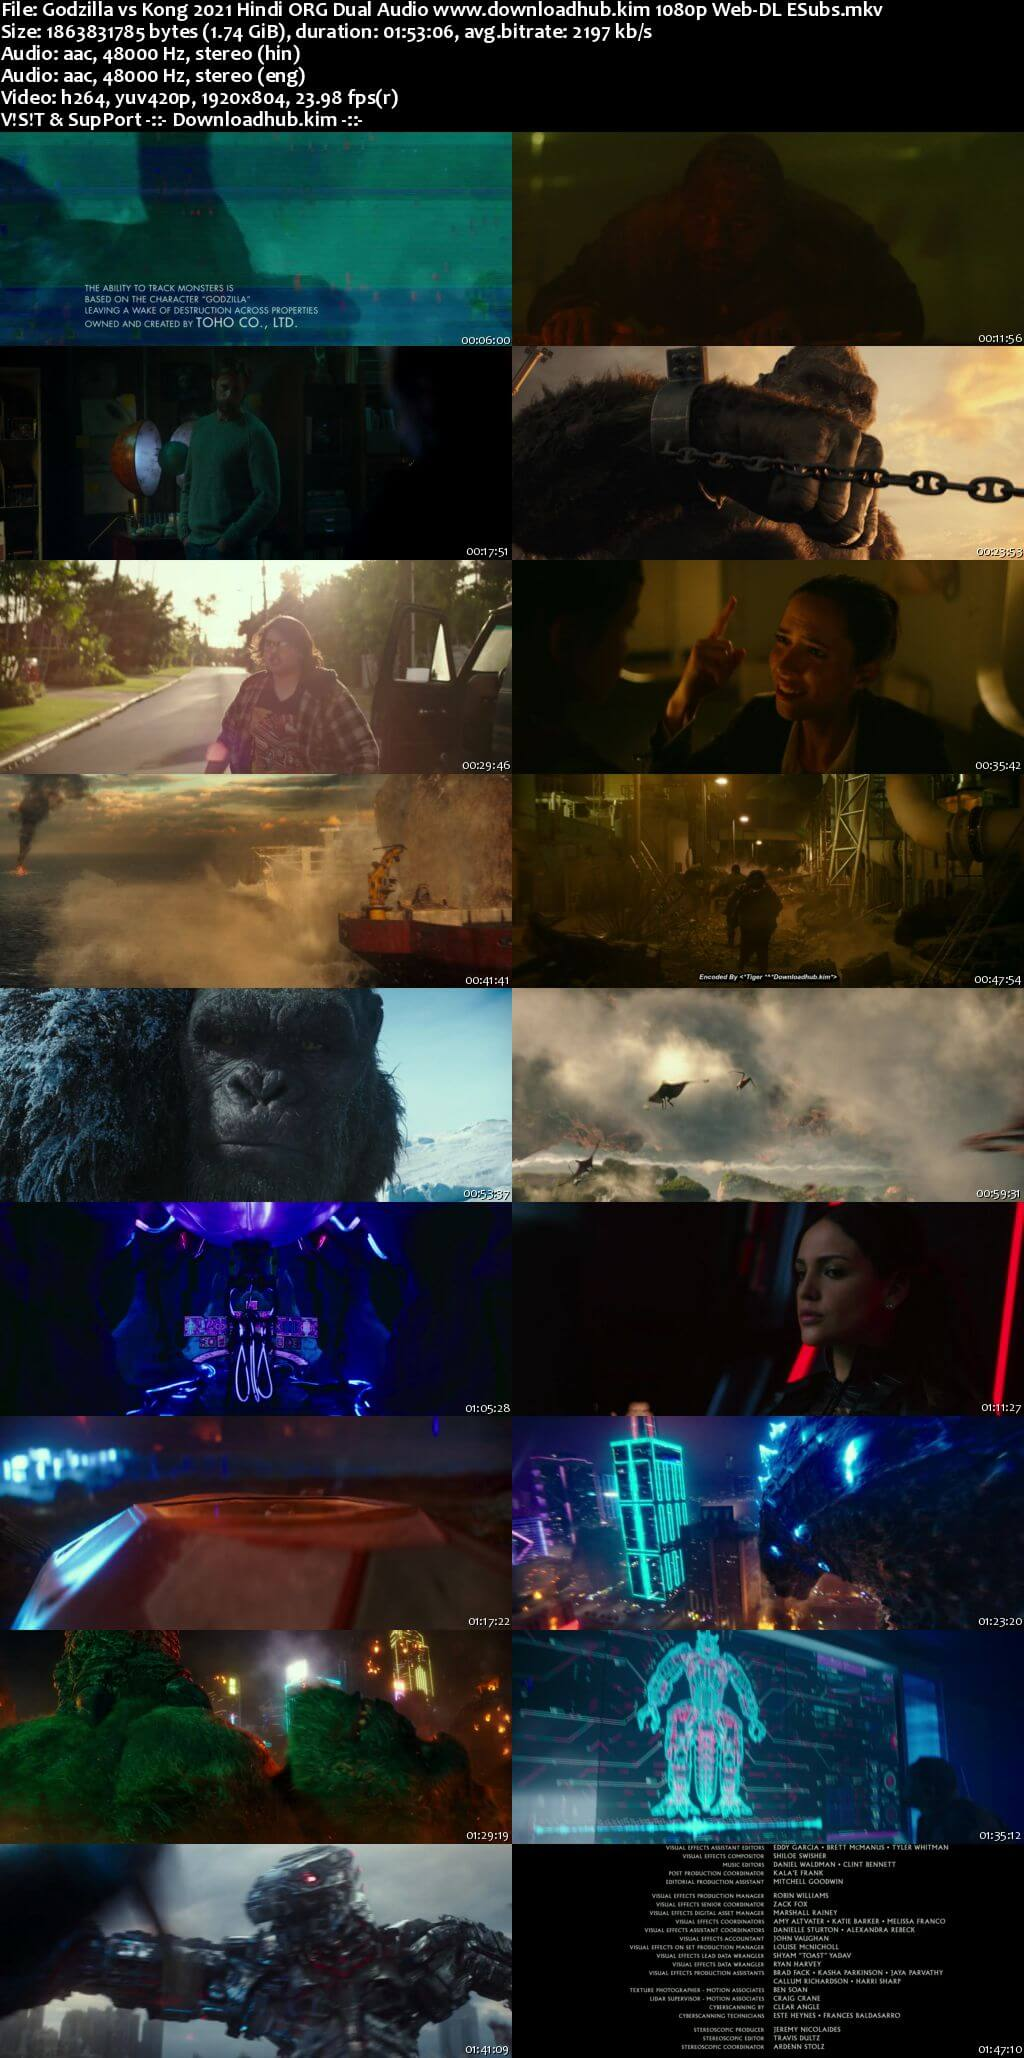 Godzilla vs Kong 2021 Hindi ORG Dual Audio 1080p Web-DL ESubs